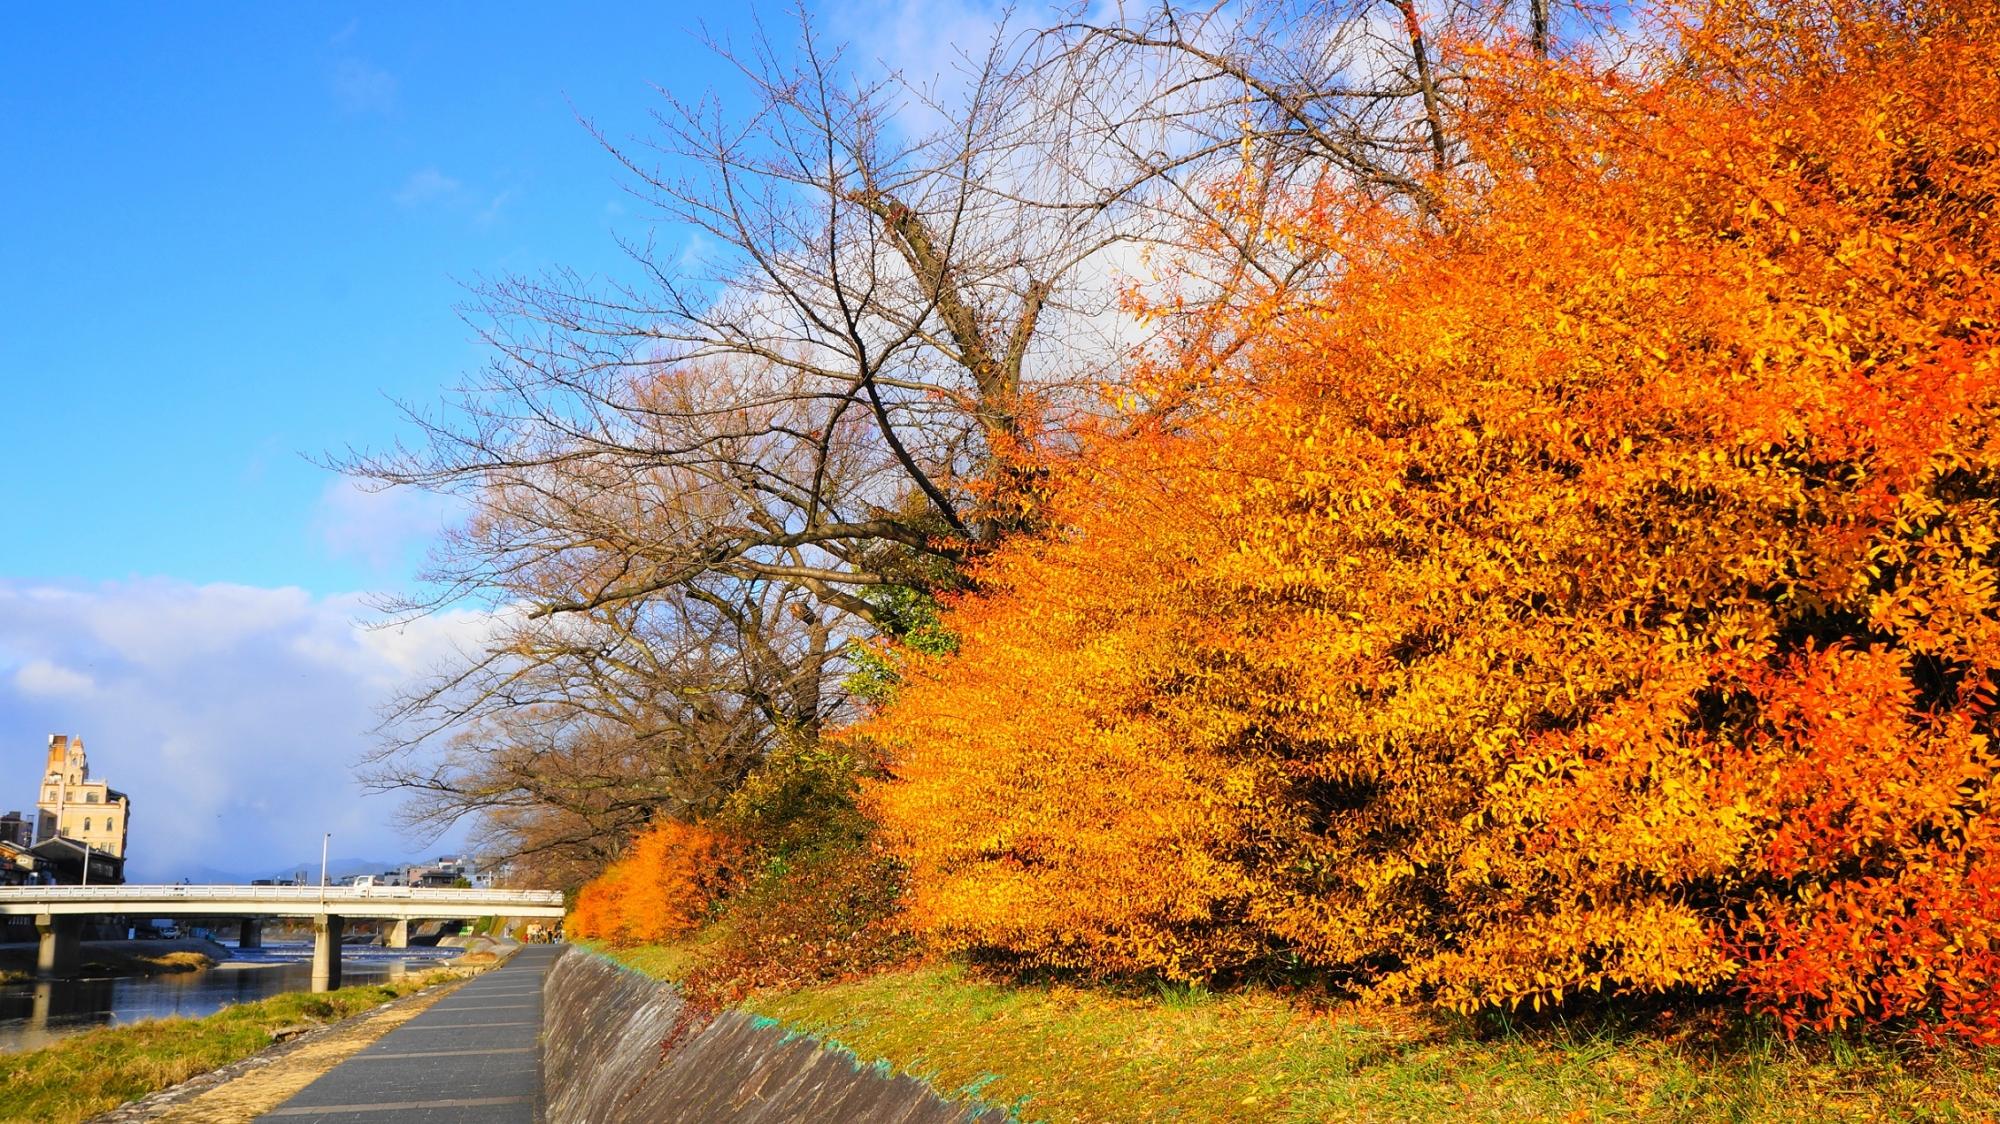 鴨川の雪柳のオレンジ色の見事な紅葉